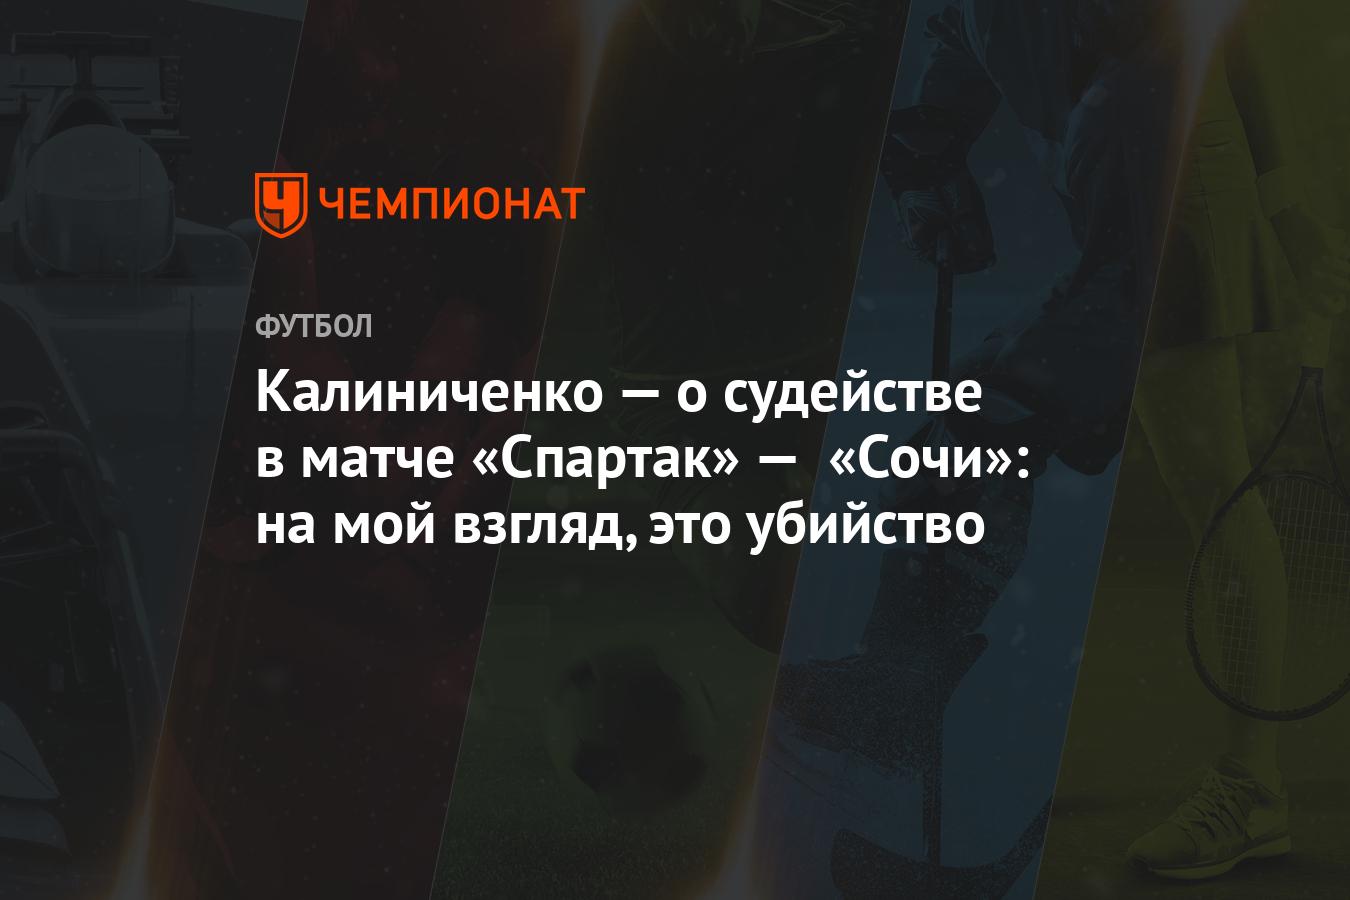 Калиниченко — о судействе в матче «Спартак» — «Сочи»: на мой взгляд, это убийство